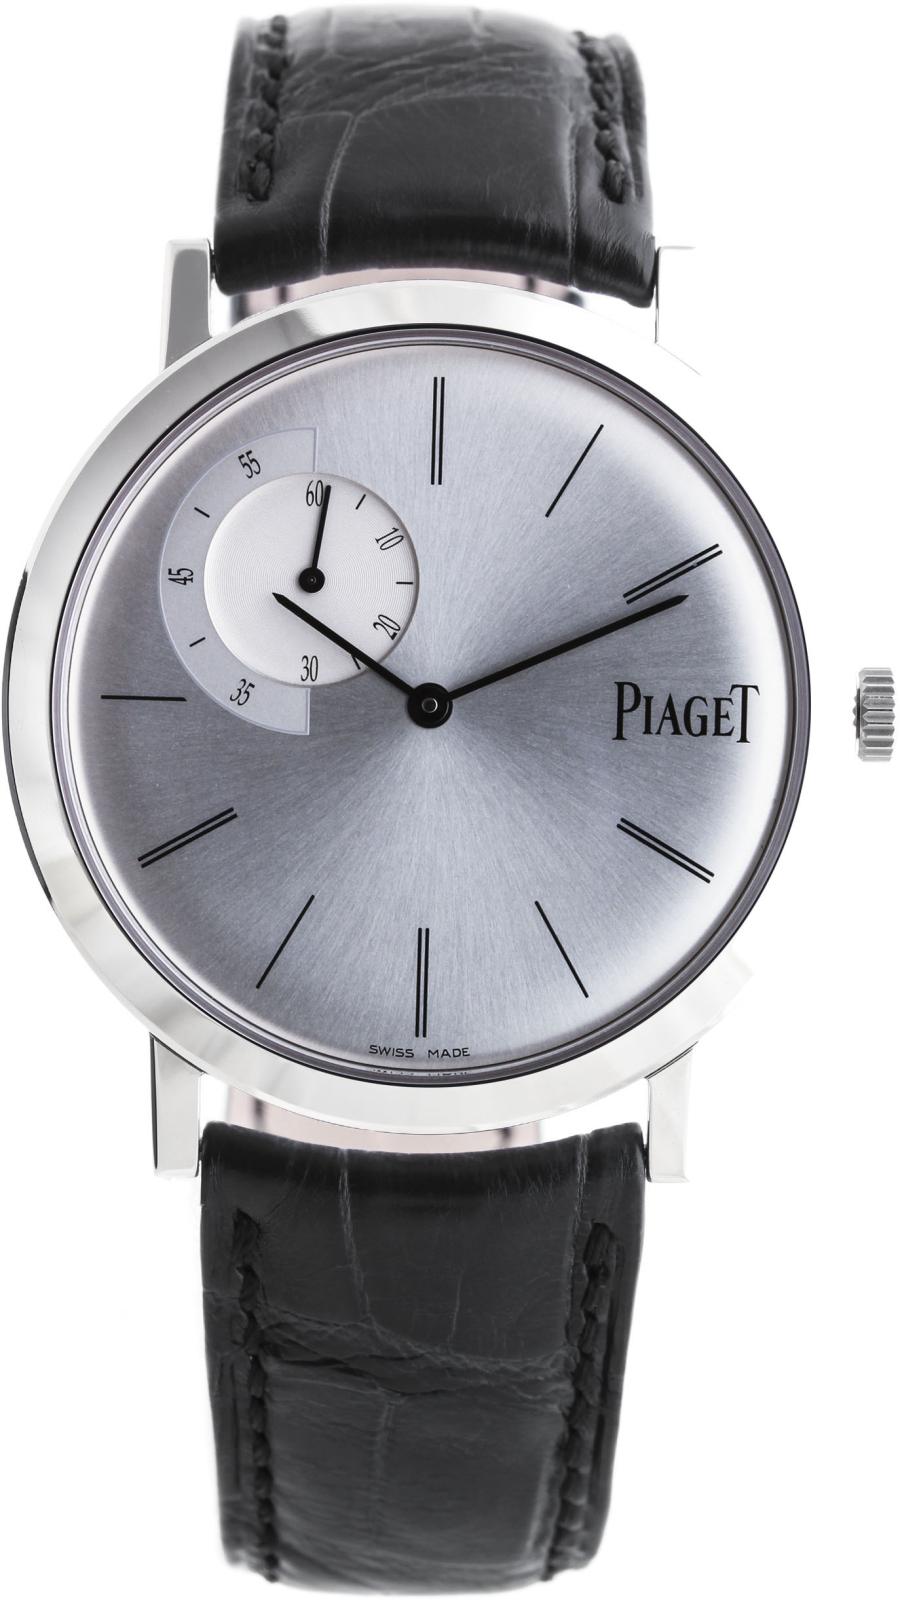 Piaget Altiplano G0A33112Наручные часы<br>Швейцарские часы Piaget Altiplano G0A33112Модель входит в коллекцию Altiplano. Это модные мужские часы. Материал корпуса часов — золото. Циферблат часов защищает сапфировое стекло. Водозащита этой модели 30 м. Основной цвет циферблата белый. Диаметр корпуса данной модели 40мм.<br><br>Пол: Мужские<br>Страна-производитель: Швейцария<br>Механизм: Механический<br>Материал корпуса: Золото<br>Материал ремня/браслета: Кожа<br>Водозащита, диапазон: 20 - 100 м<br>Стекло: Сапфировое<br>Толщина корпуса: None<br>Стиль: Классика